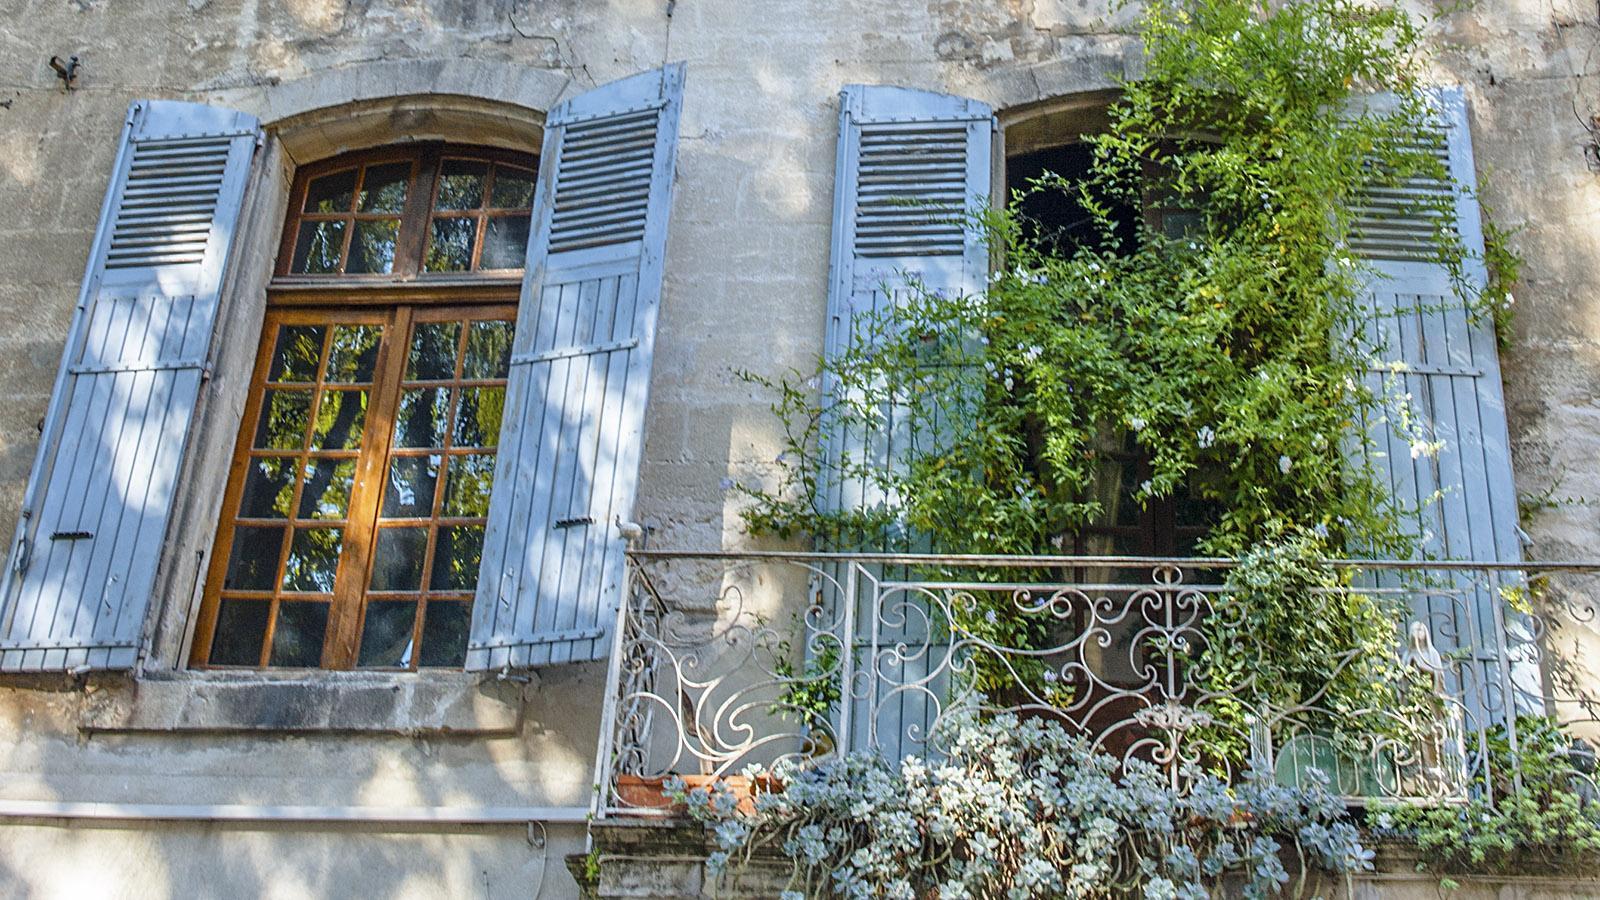 Begrünte Fassade in Avignon. Foto: Hilke Maunder